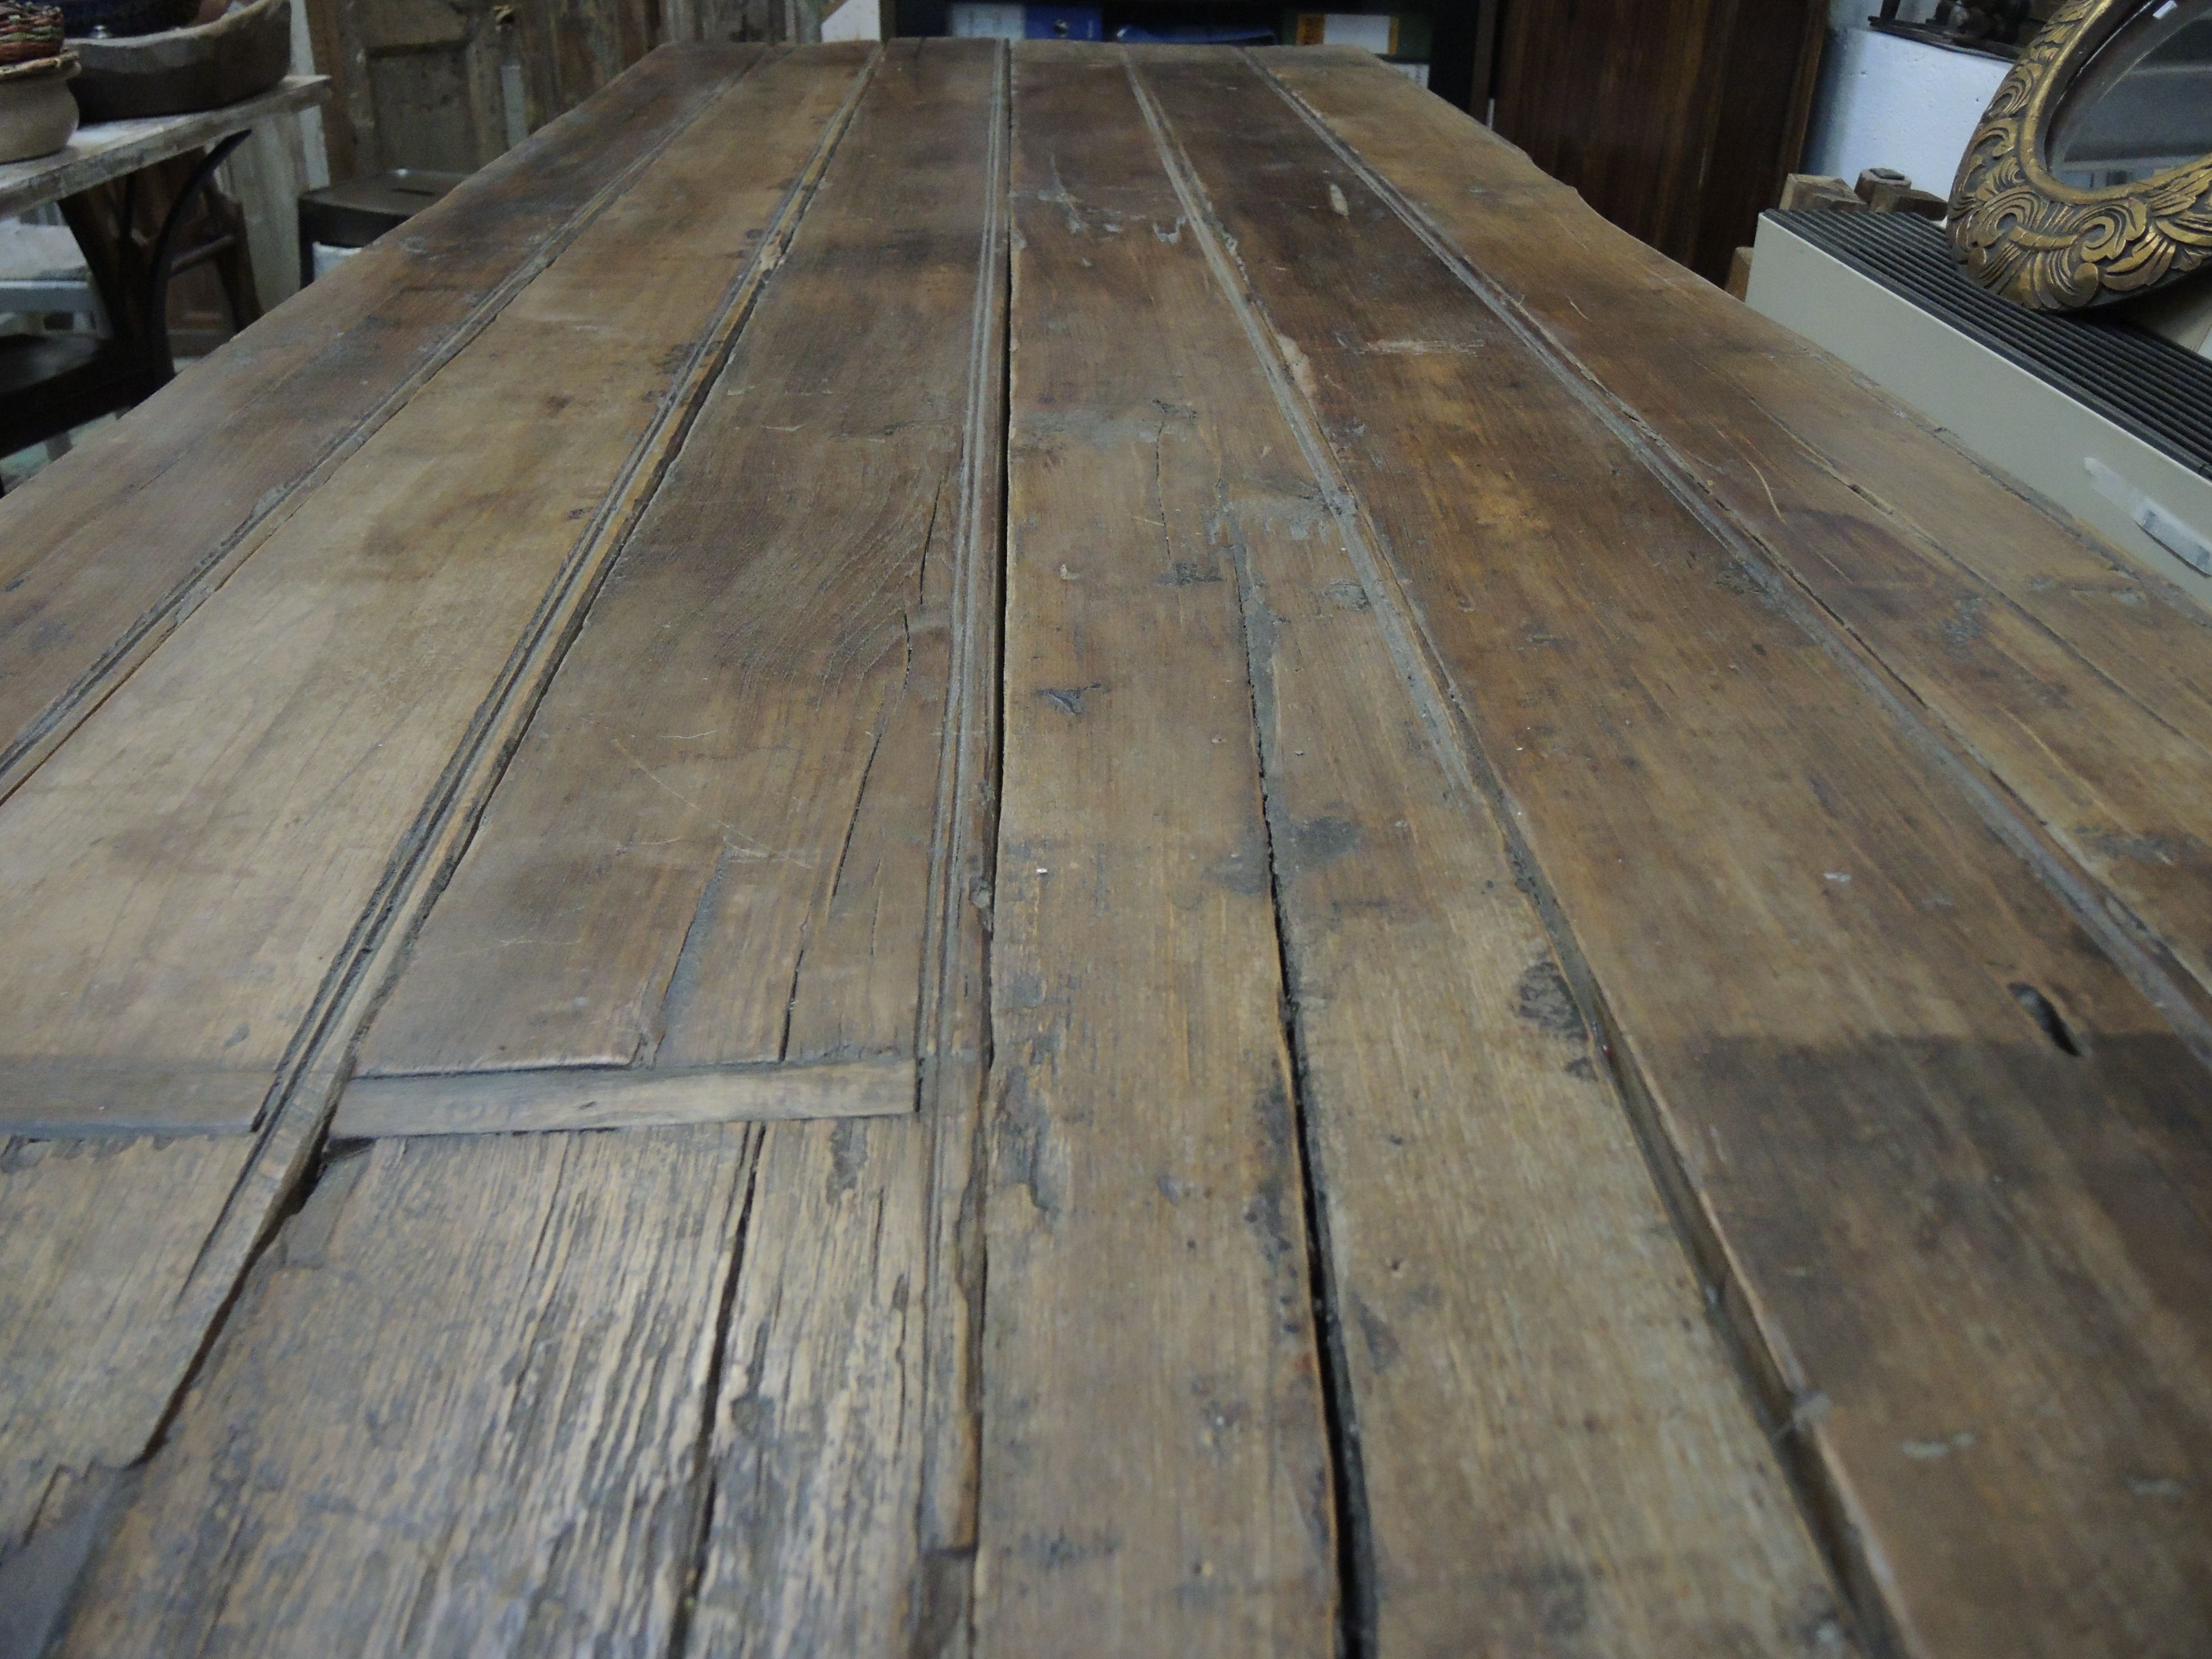 Assi Di Legno Decorate : Tavolo con assi vecchie in legno di teak arredamento e altro